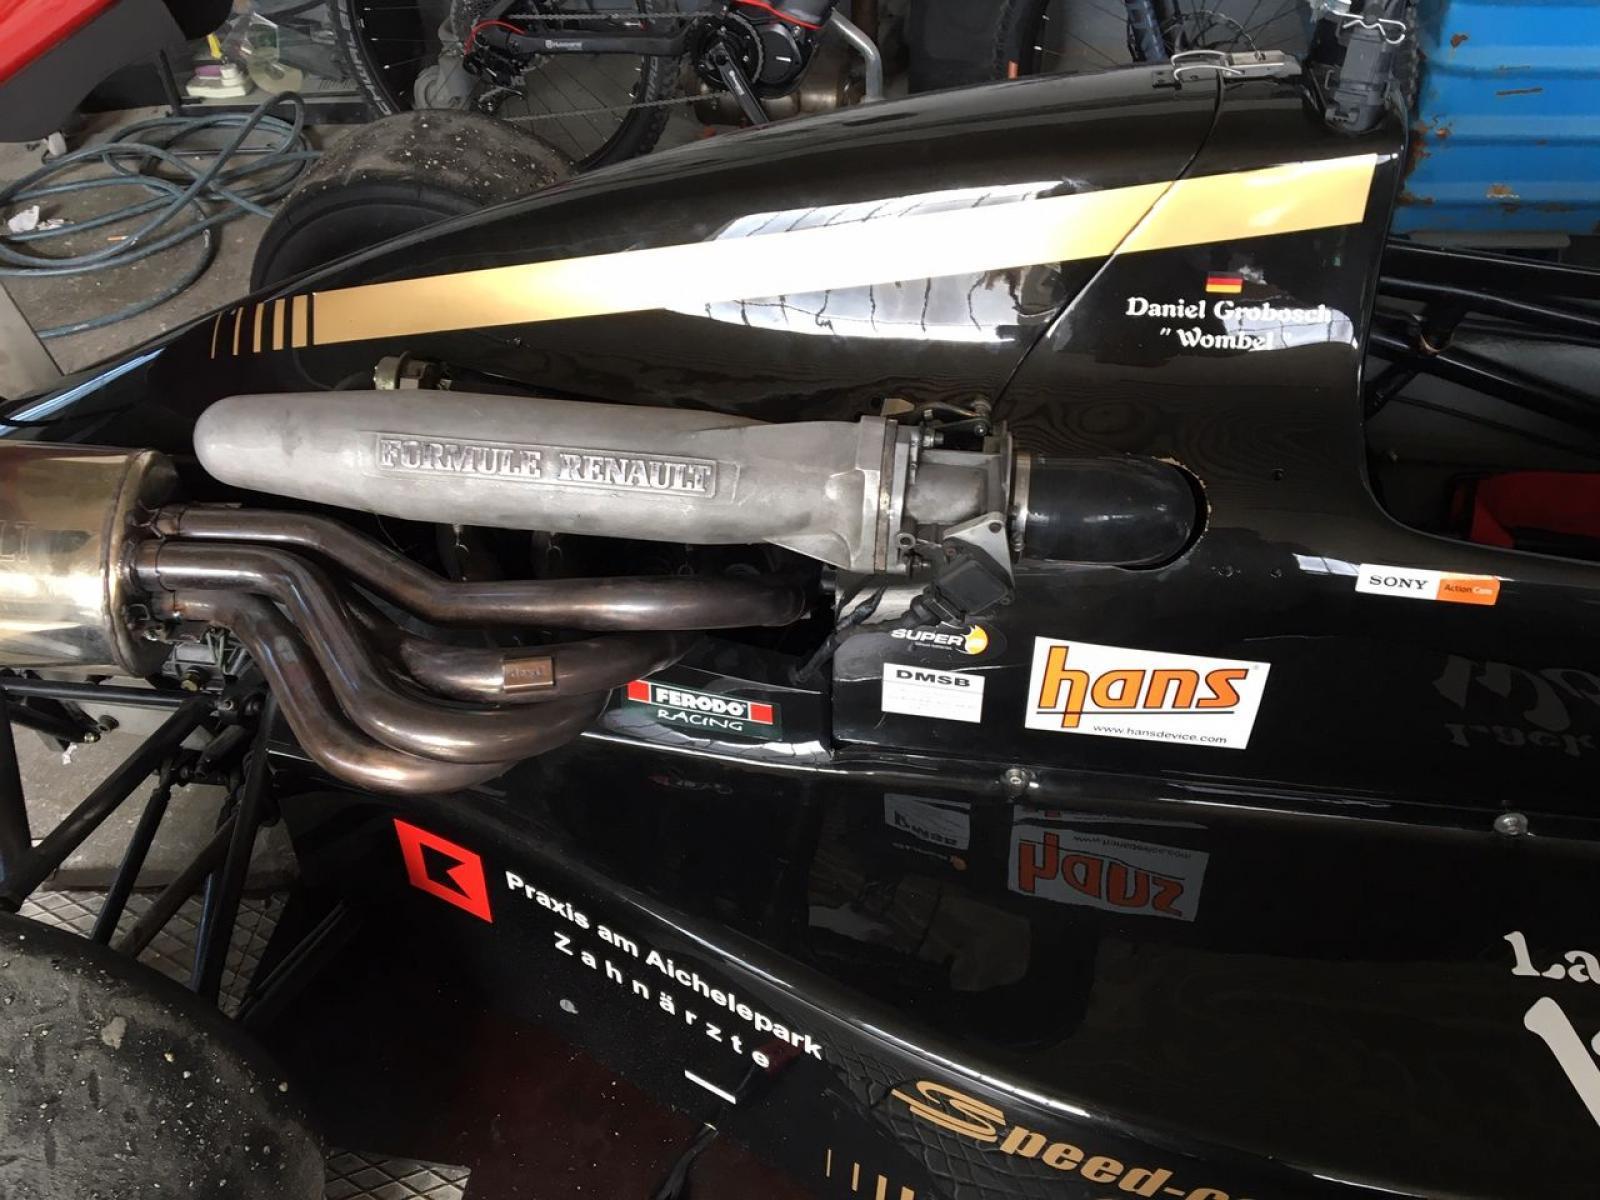 Formula Renault Orion 1721 - 4